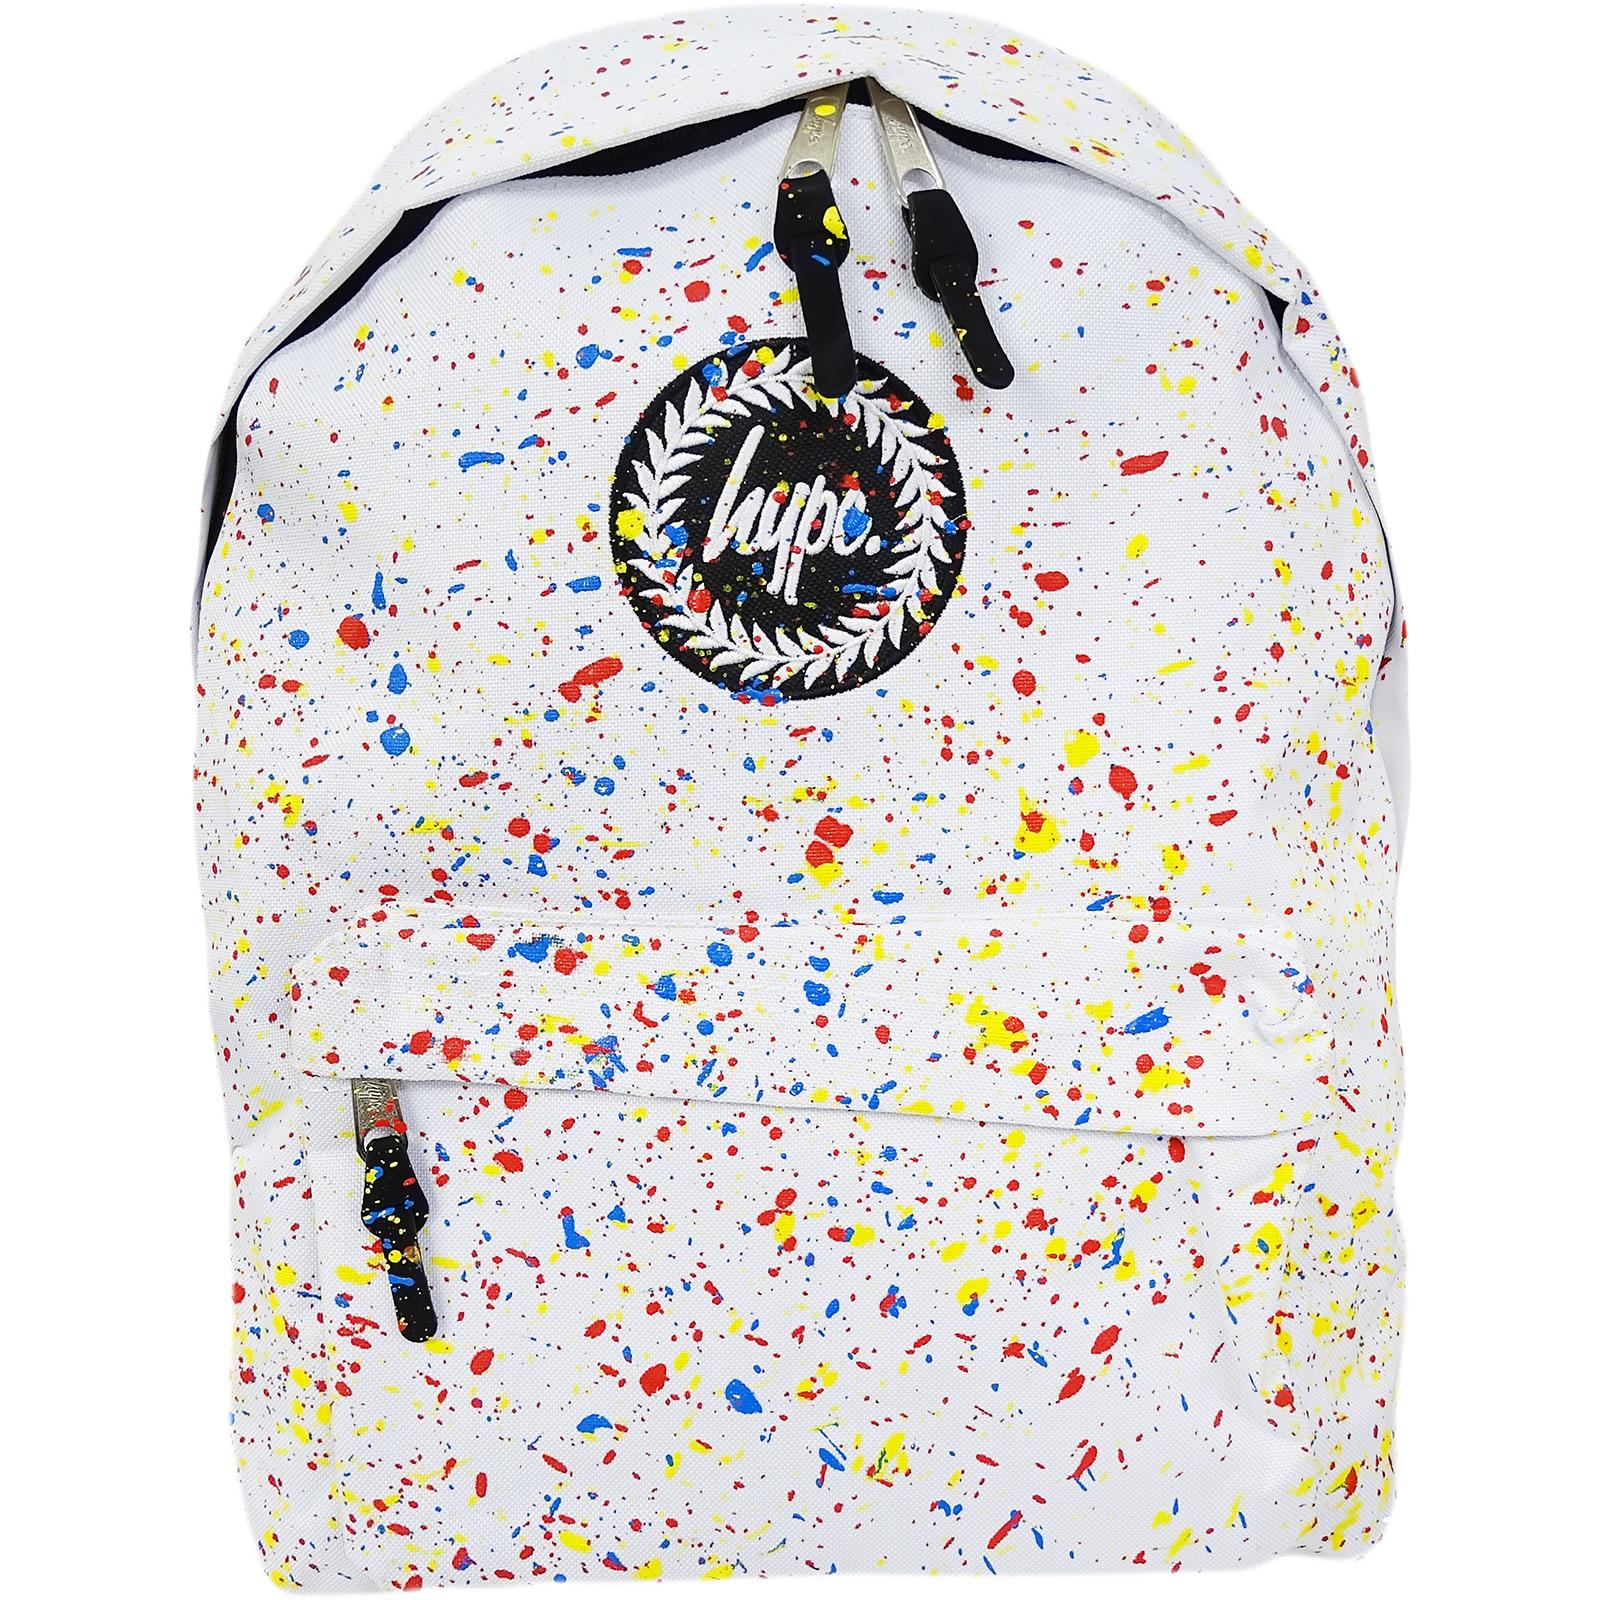 Hype White Backpack / Rucksack Bag Primary White